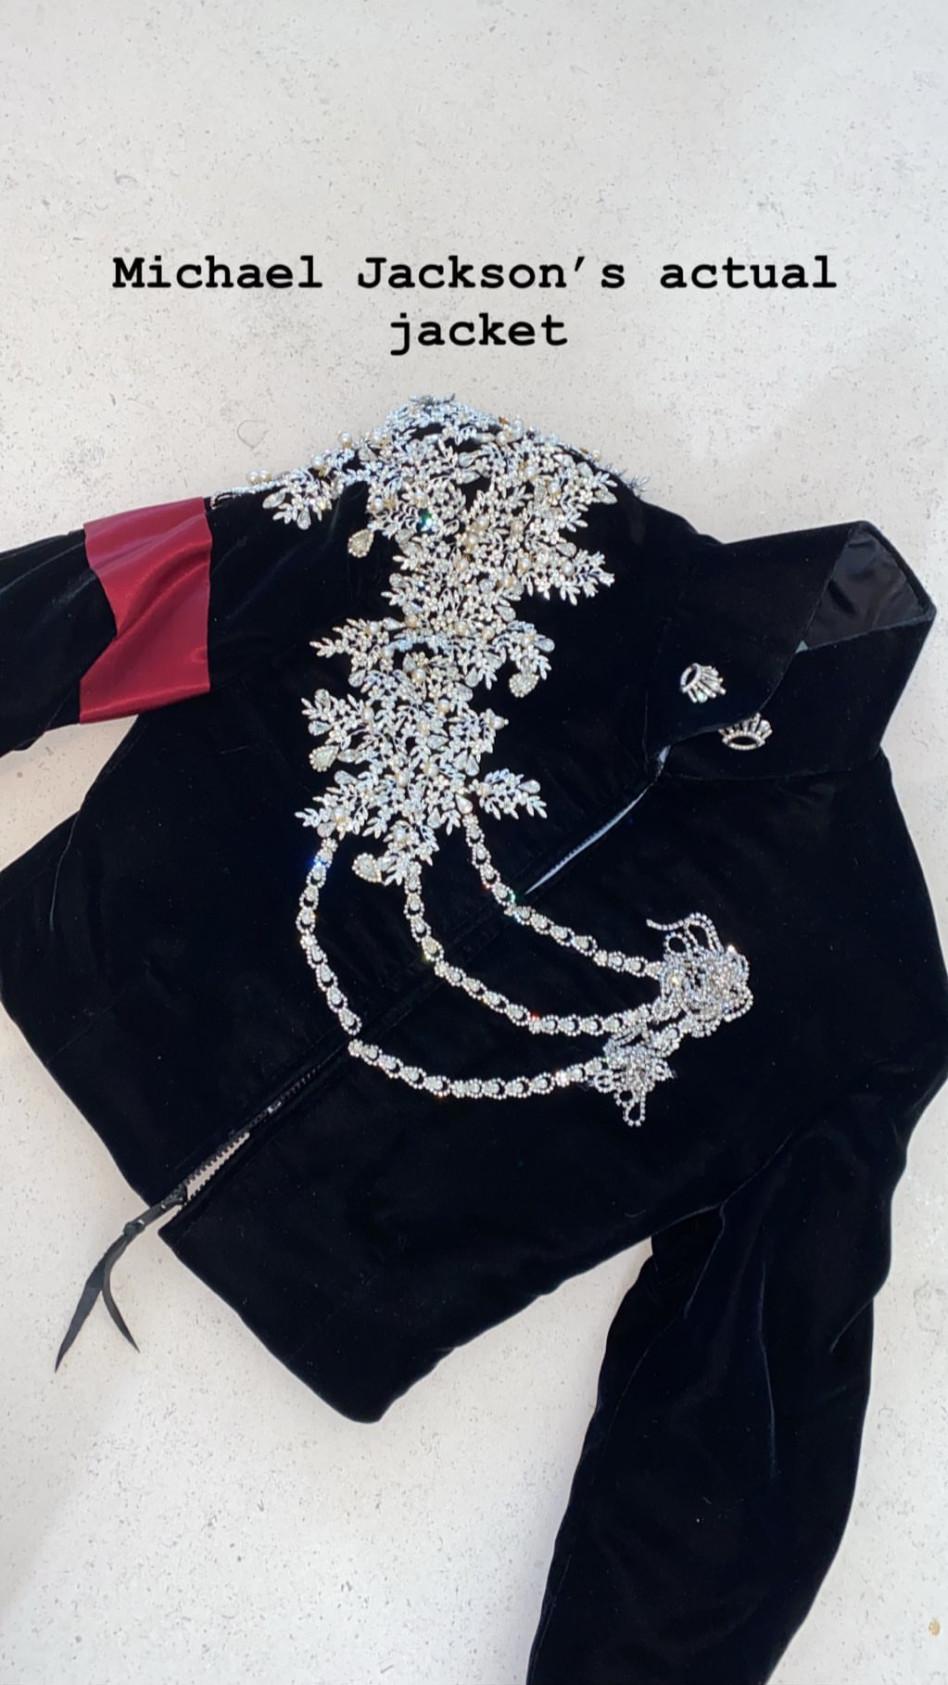 הג'קט של מייקל ג'קסון. סליחה, של נורת' (צילום: אינסטגרם קים קרדשיאן)